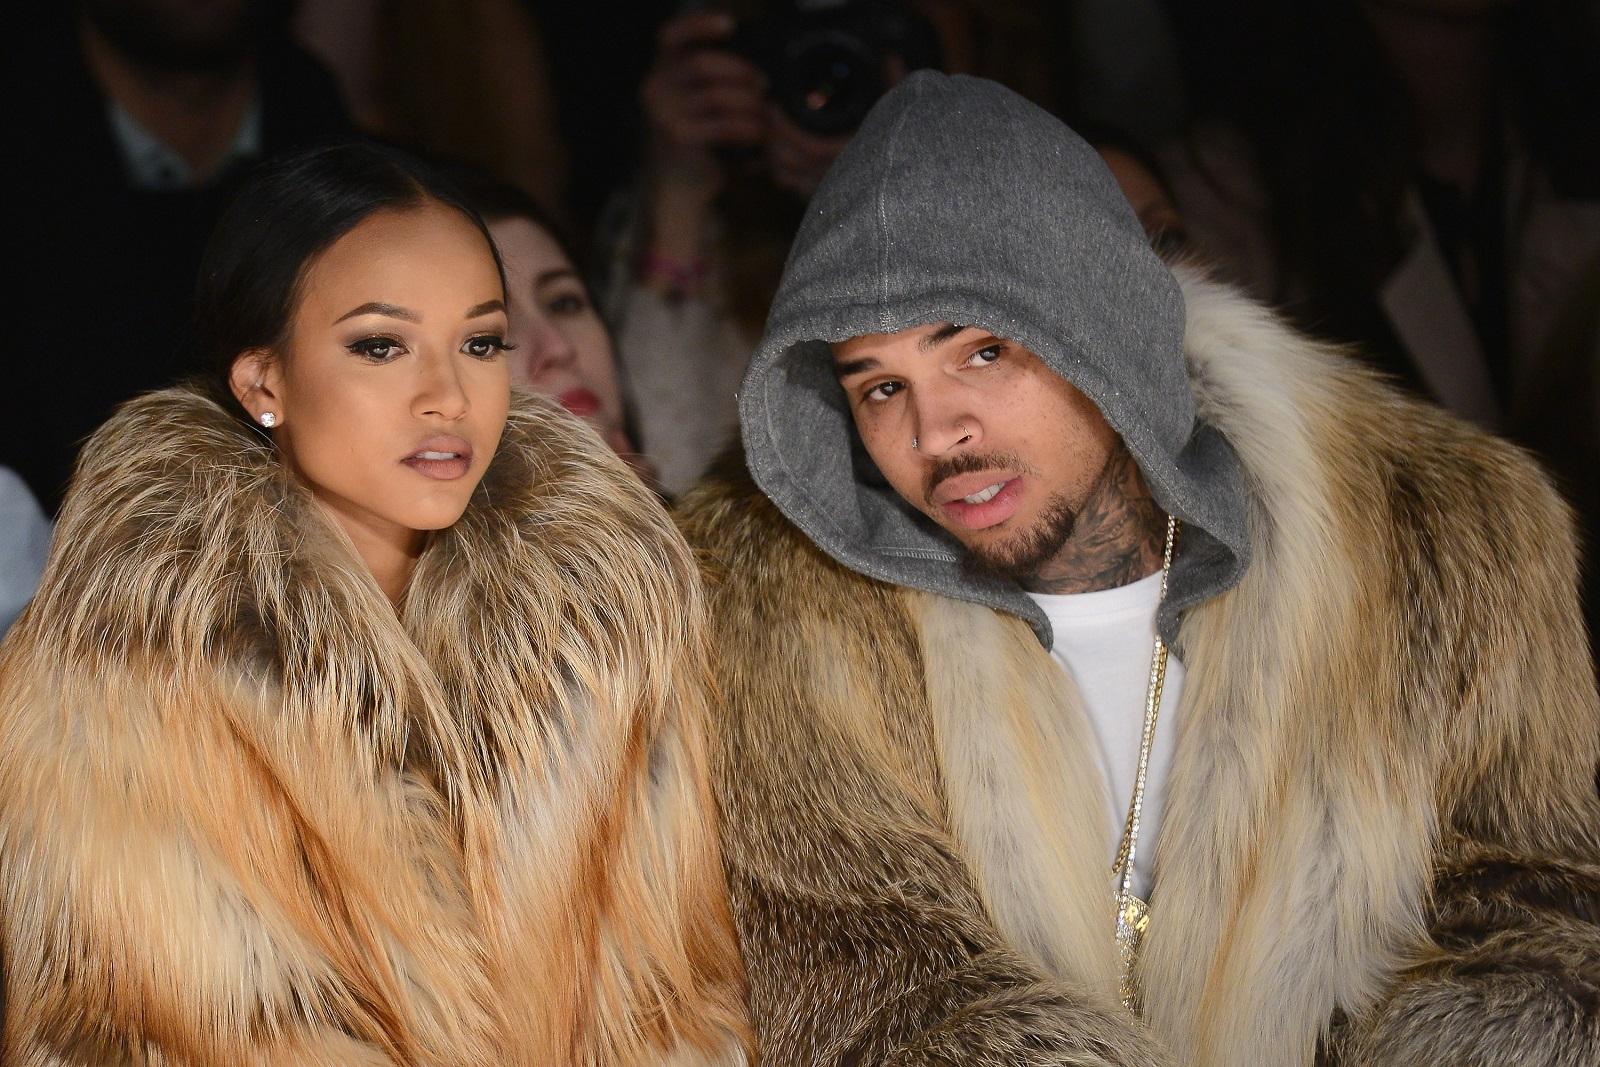 Chris Brown and Karrueche Tran: Singer still has 'feelings' for ex